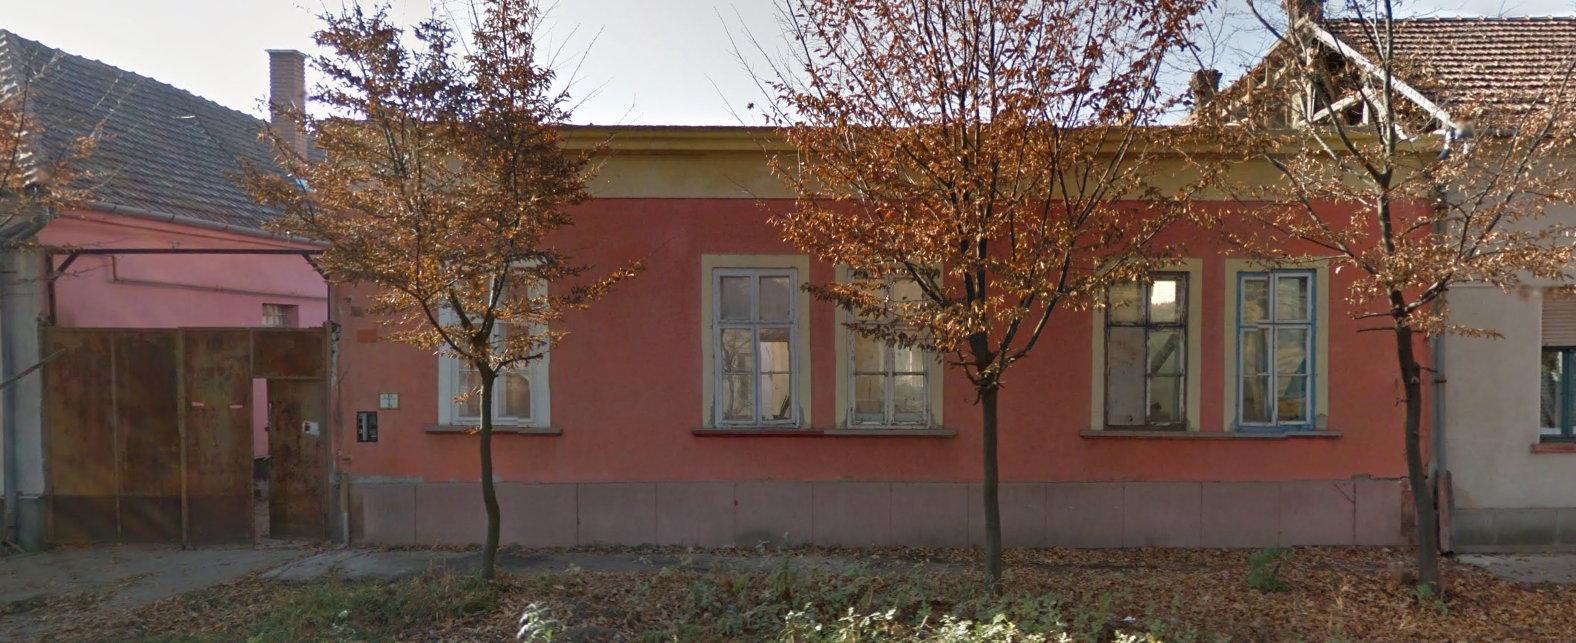 30_2011.jpg